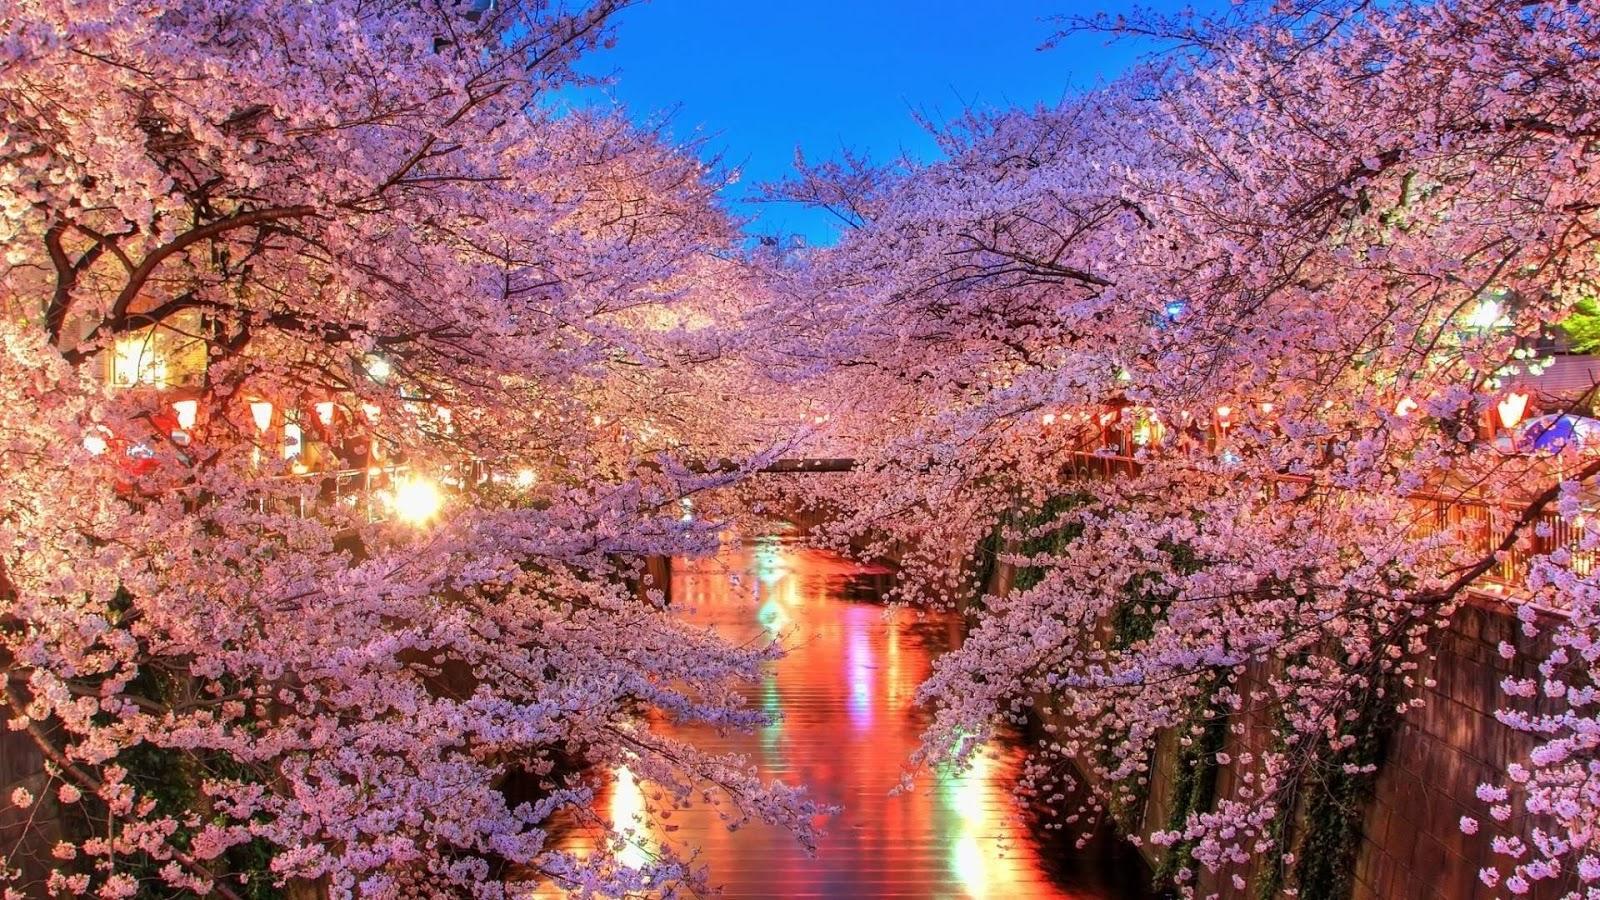 gambar bunga sakura jepang indah cantik - gambar kata kata